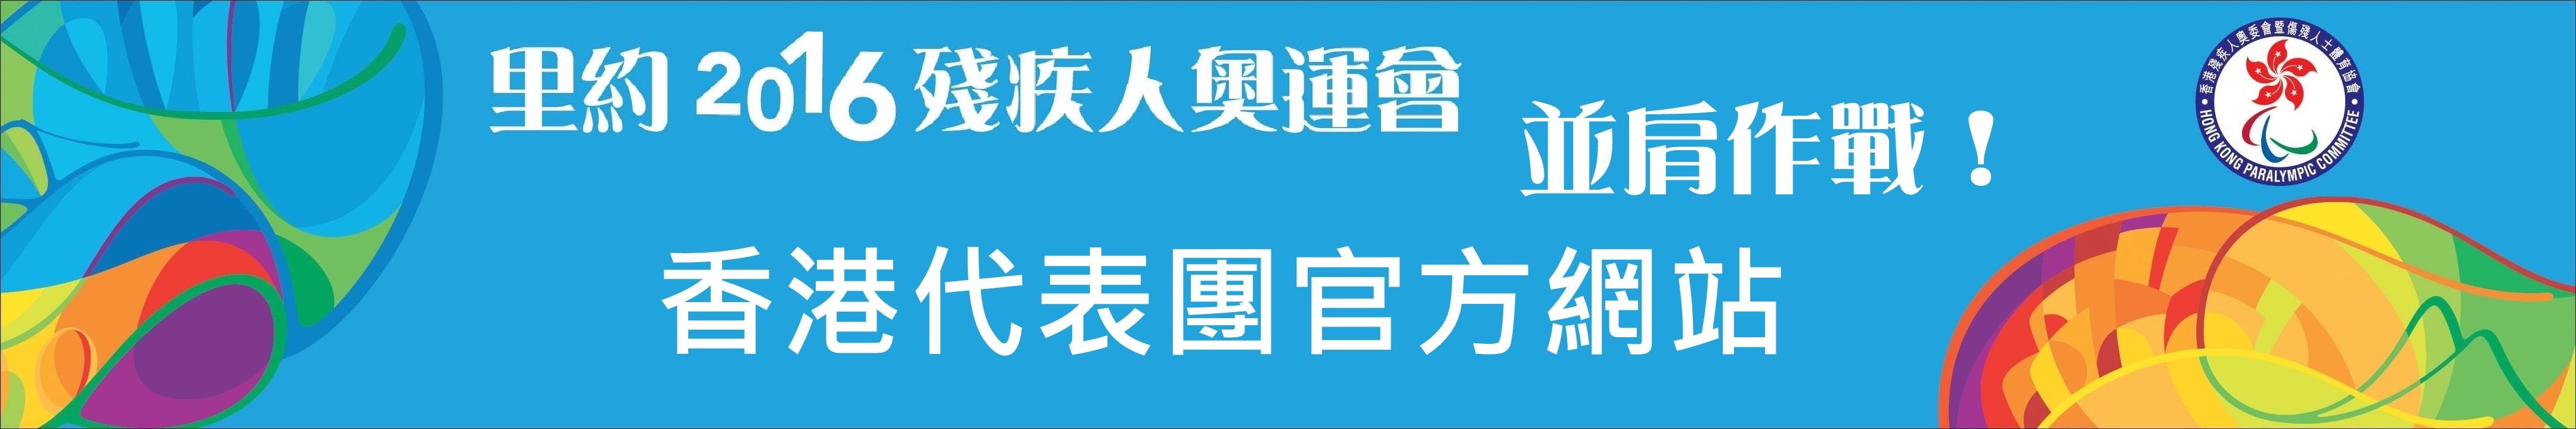 香港代表團官方網站